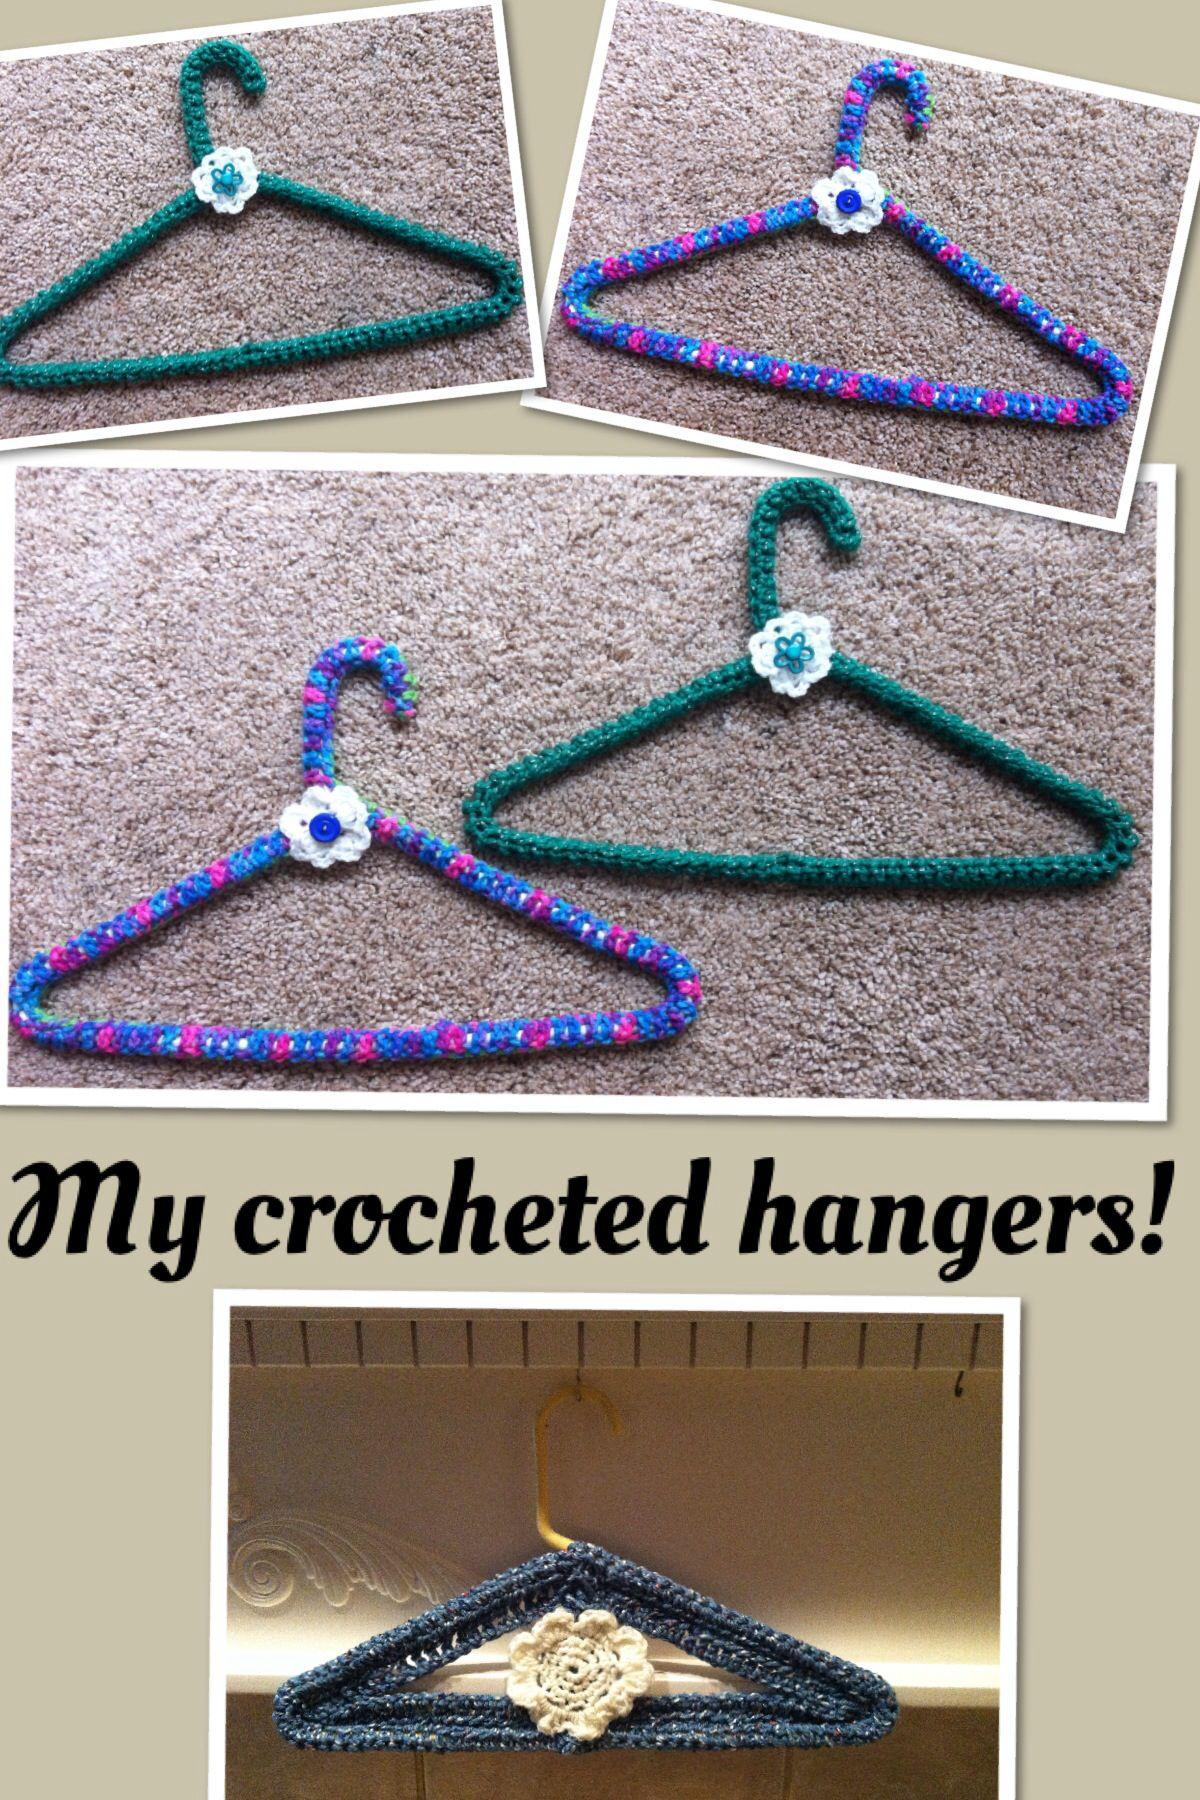 My Own Pattern For Crocheted Plastic Hanger Covers Crochet